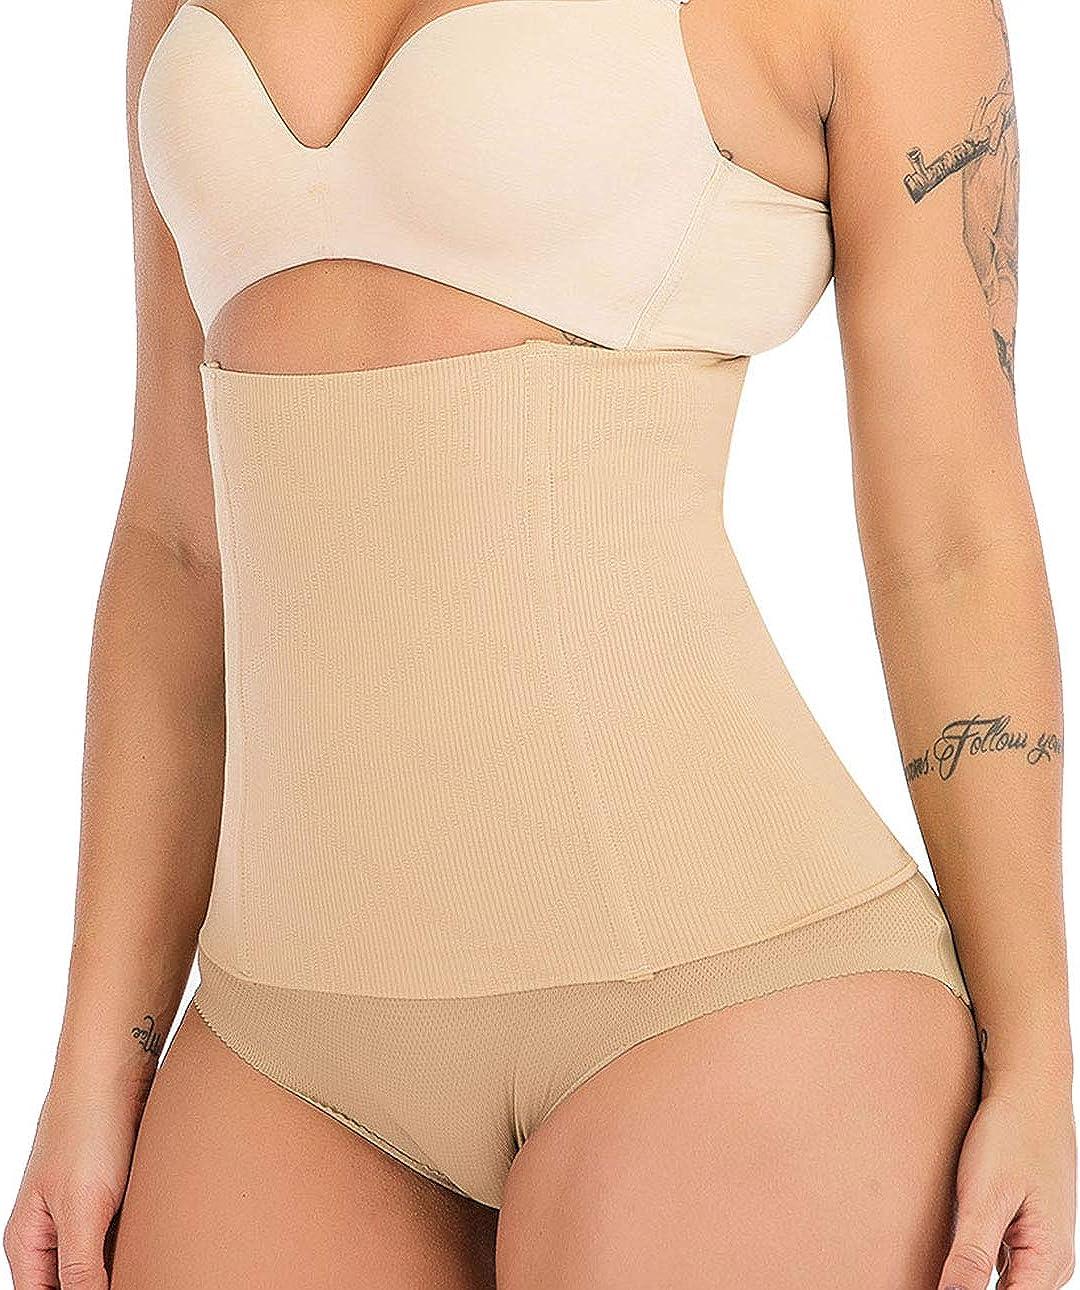 Hot Body Shaper Binder Breathe Waist Trainer Women Slimming Waist Tummy Belt Waist,Y,2XL